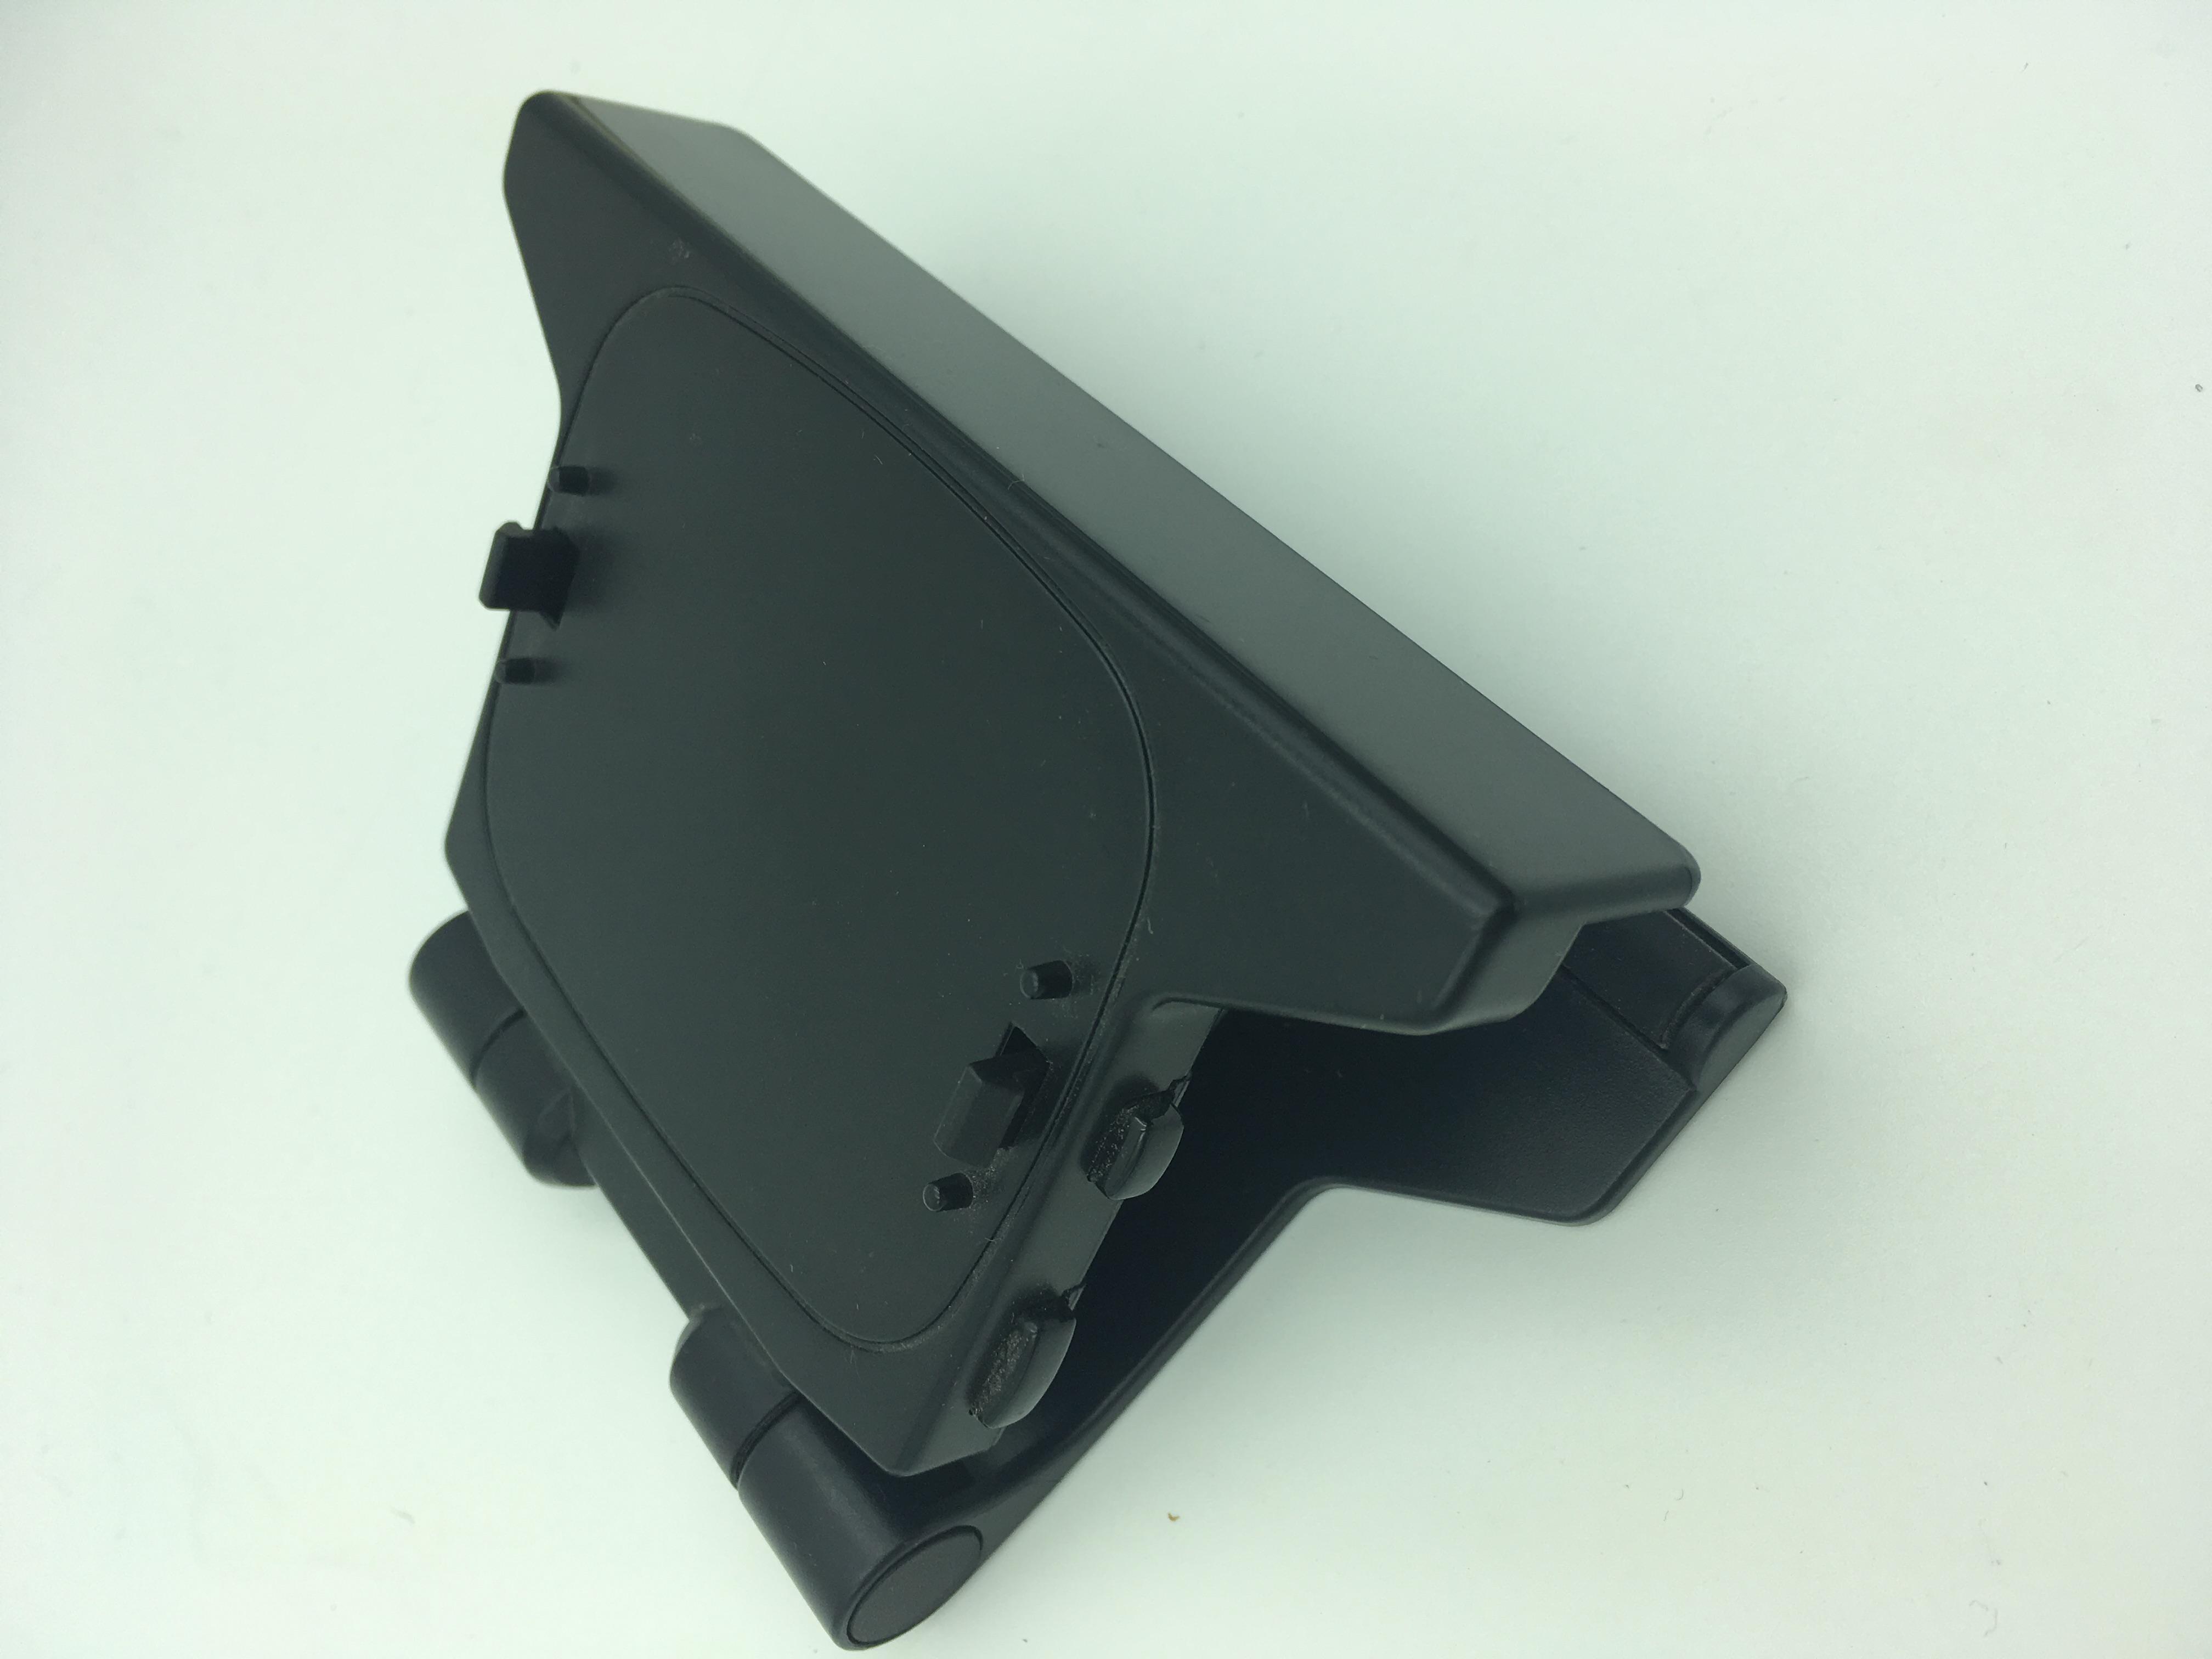 Khung cảm biến XBOX 360 Kinect Giá đỡ Somatosensory Khung LCD TV LED - XBOX kết hợp